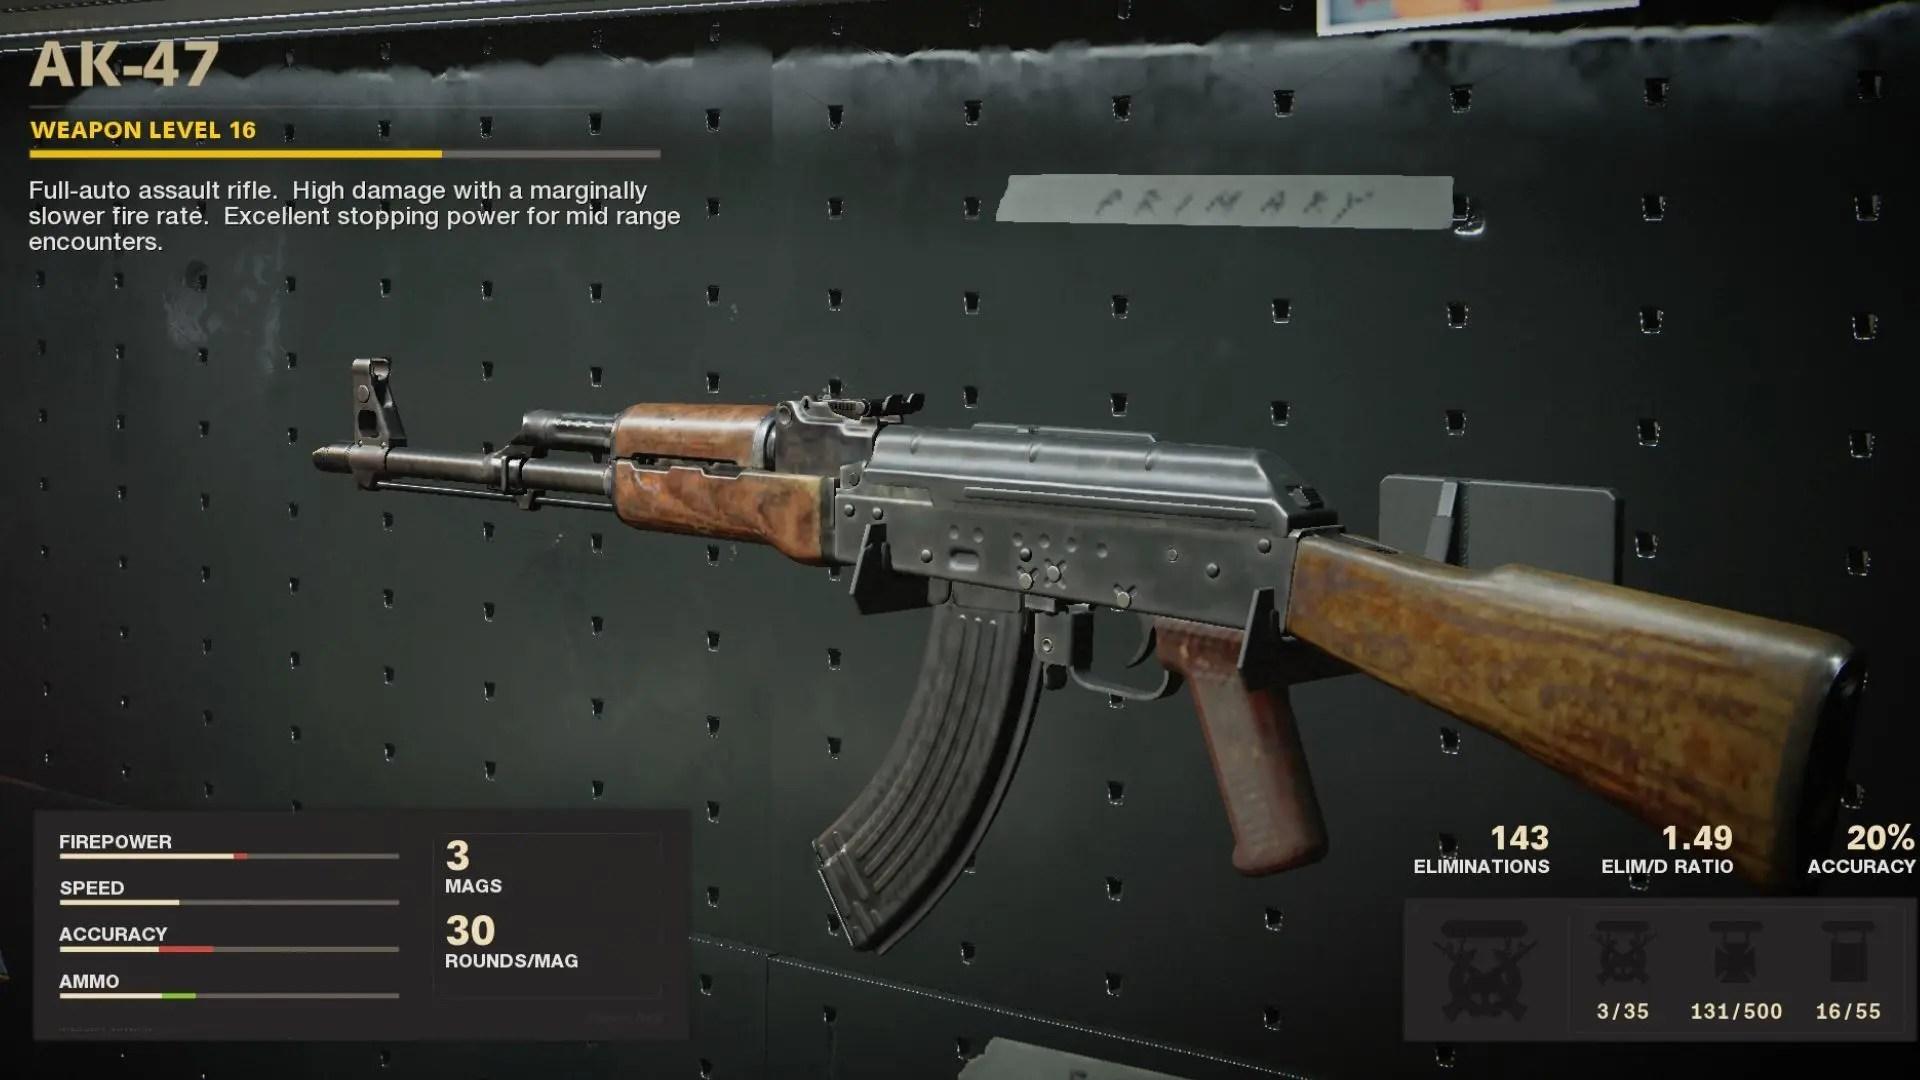 【CoD:BOCW】AK-47の性能 使用率No.1のAR